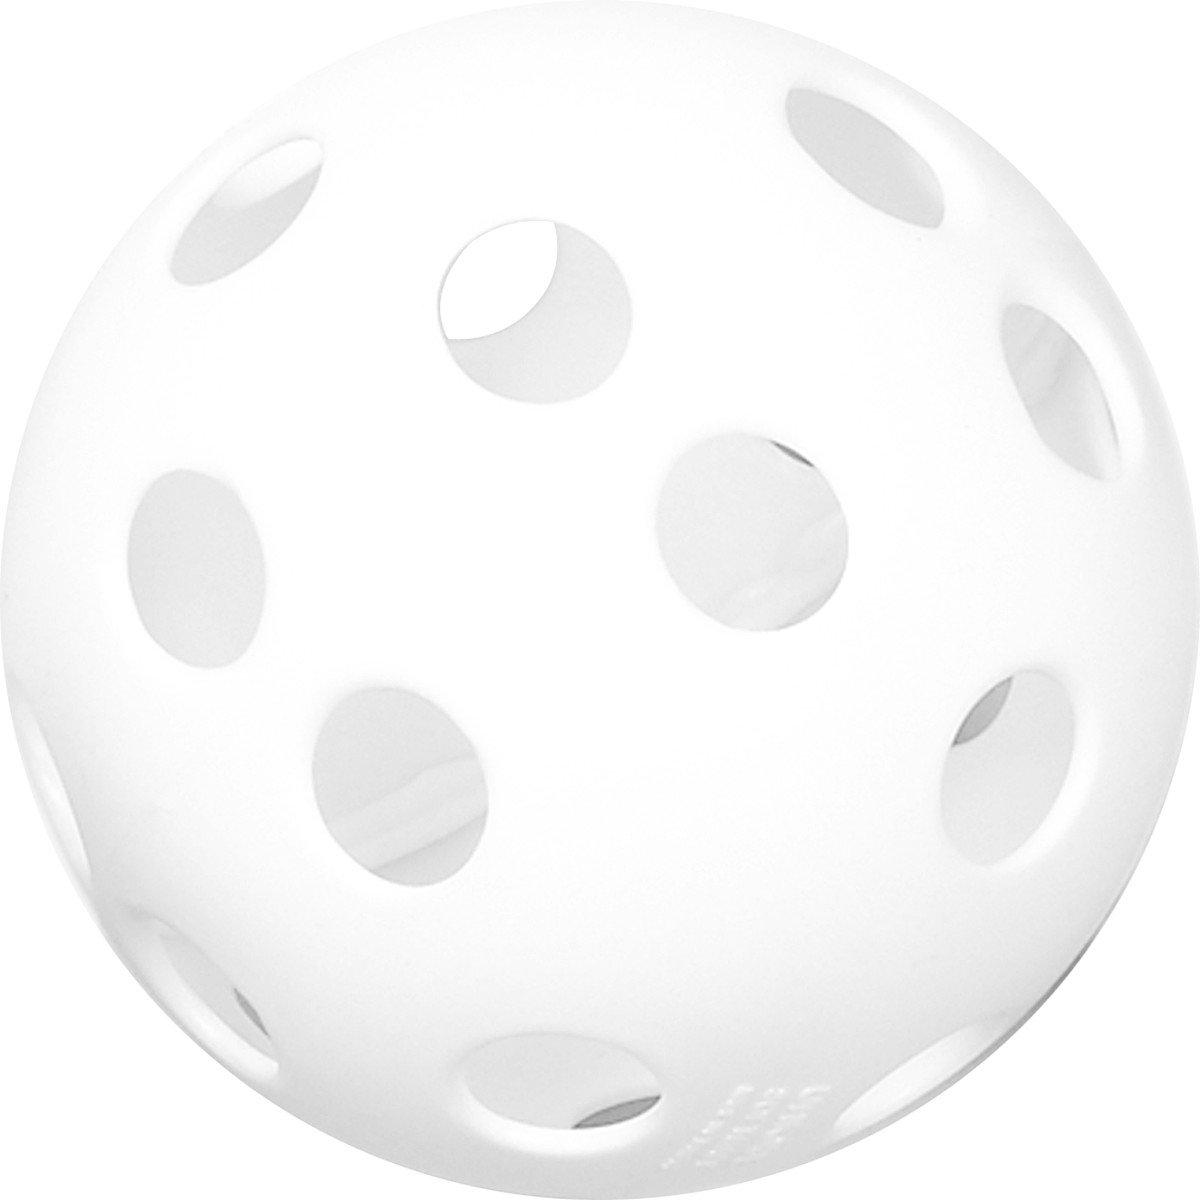 ホットグローブPractice softballs-100 softballs-100 Countバルクボックス Countバルクボックス B001GM2YIW B001GM2YIW, デコライト:298ddc7a --- sayselfiee.com